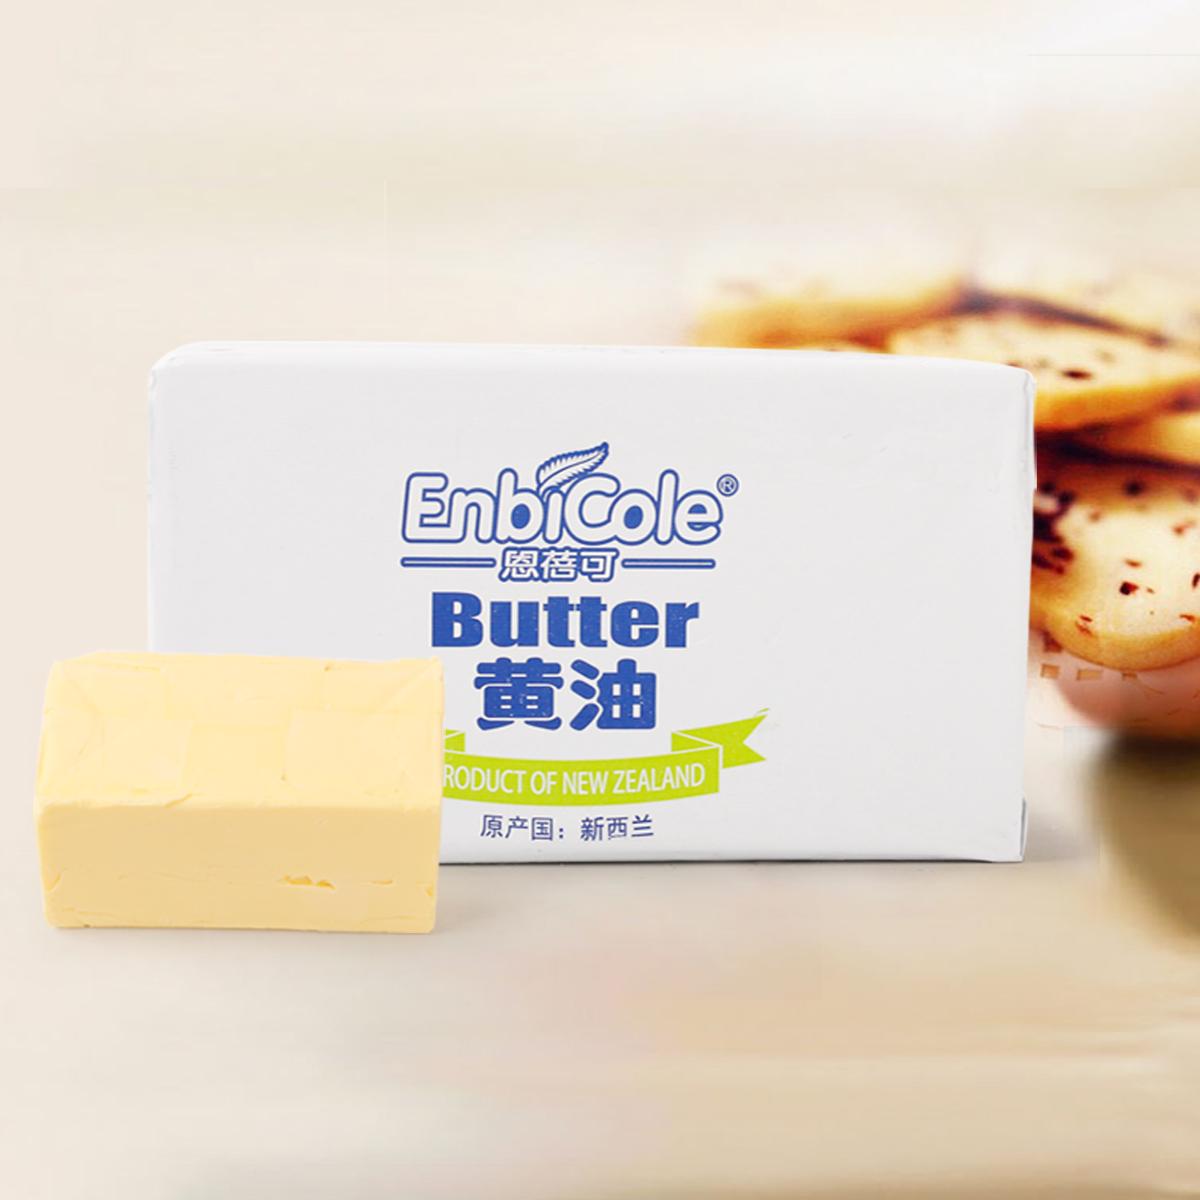 新西兰进口恩蓓可黄油 动物性  曲奇面包蛋糕原料454G 烘焙原料